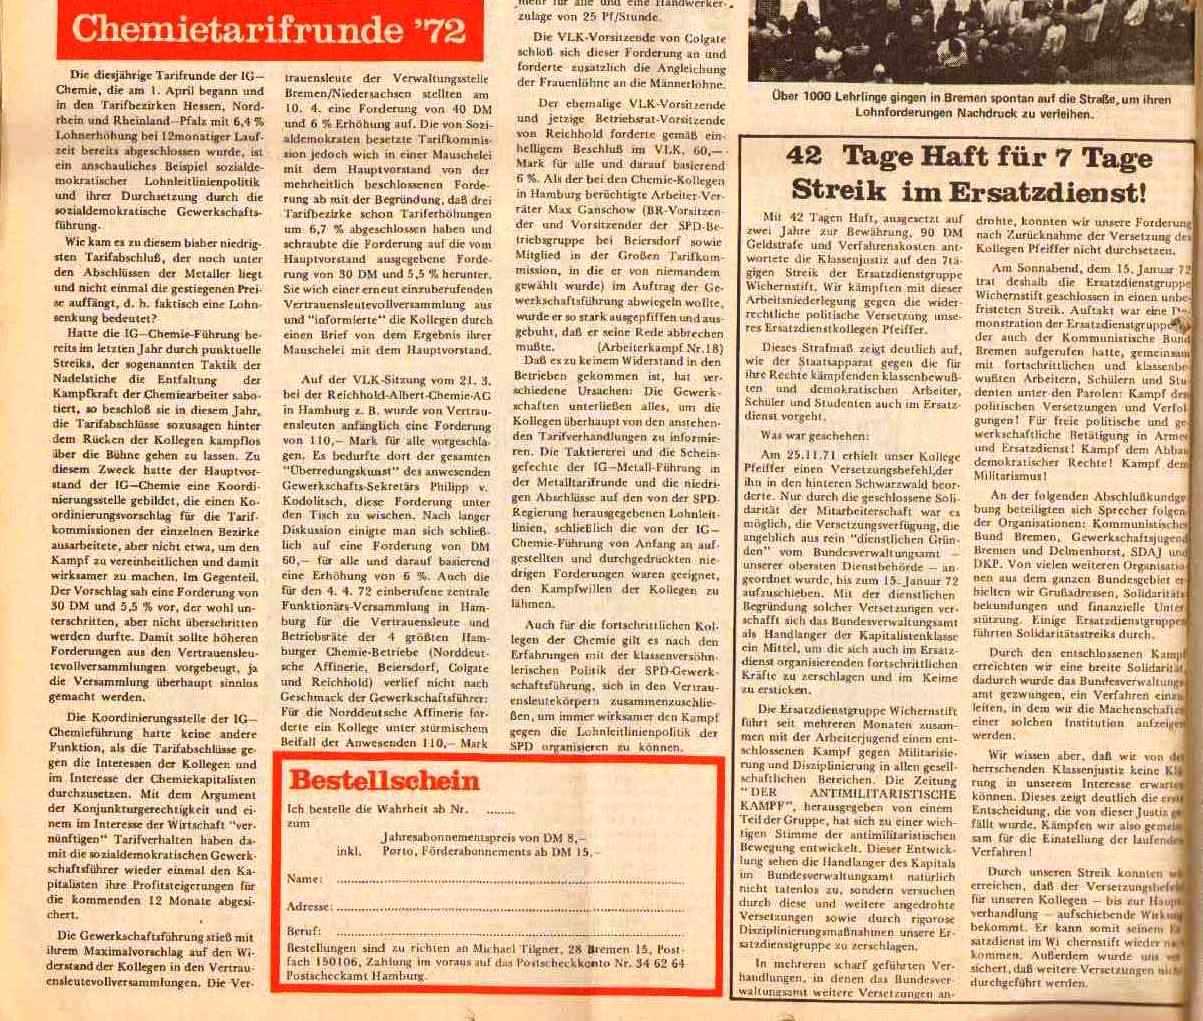 Wahrheit_1972_04_28